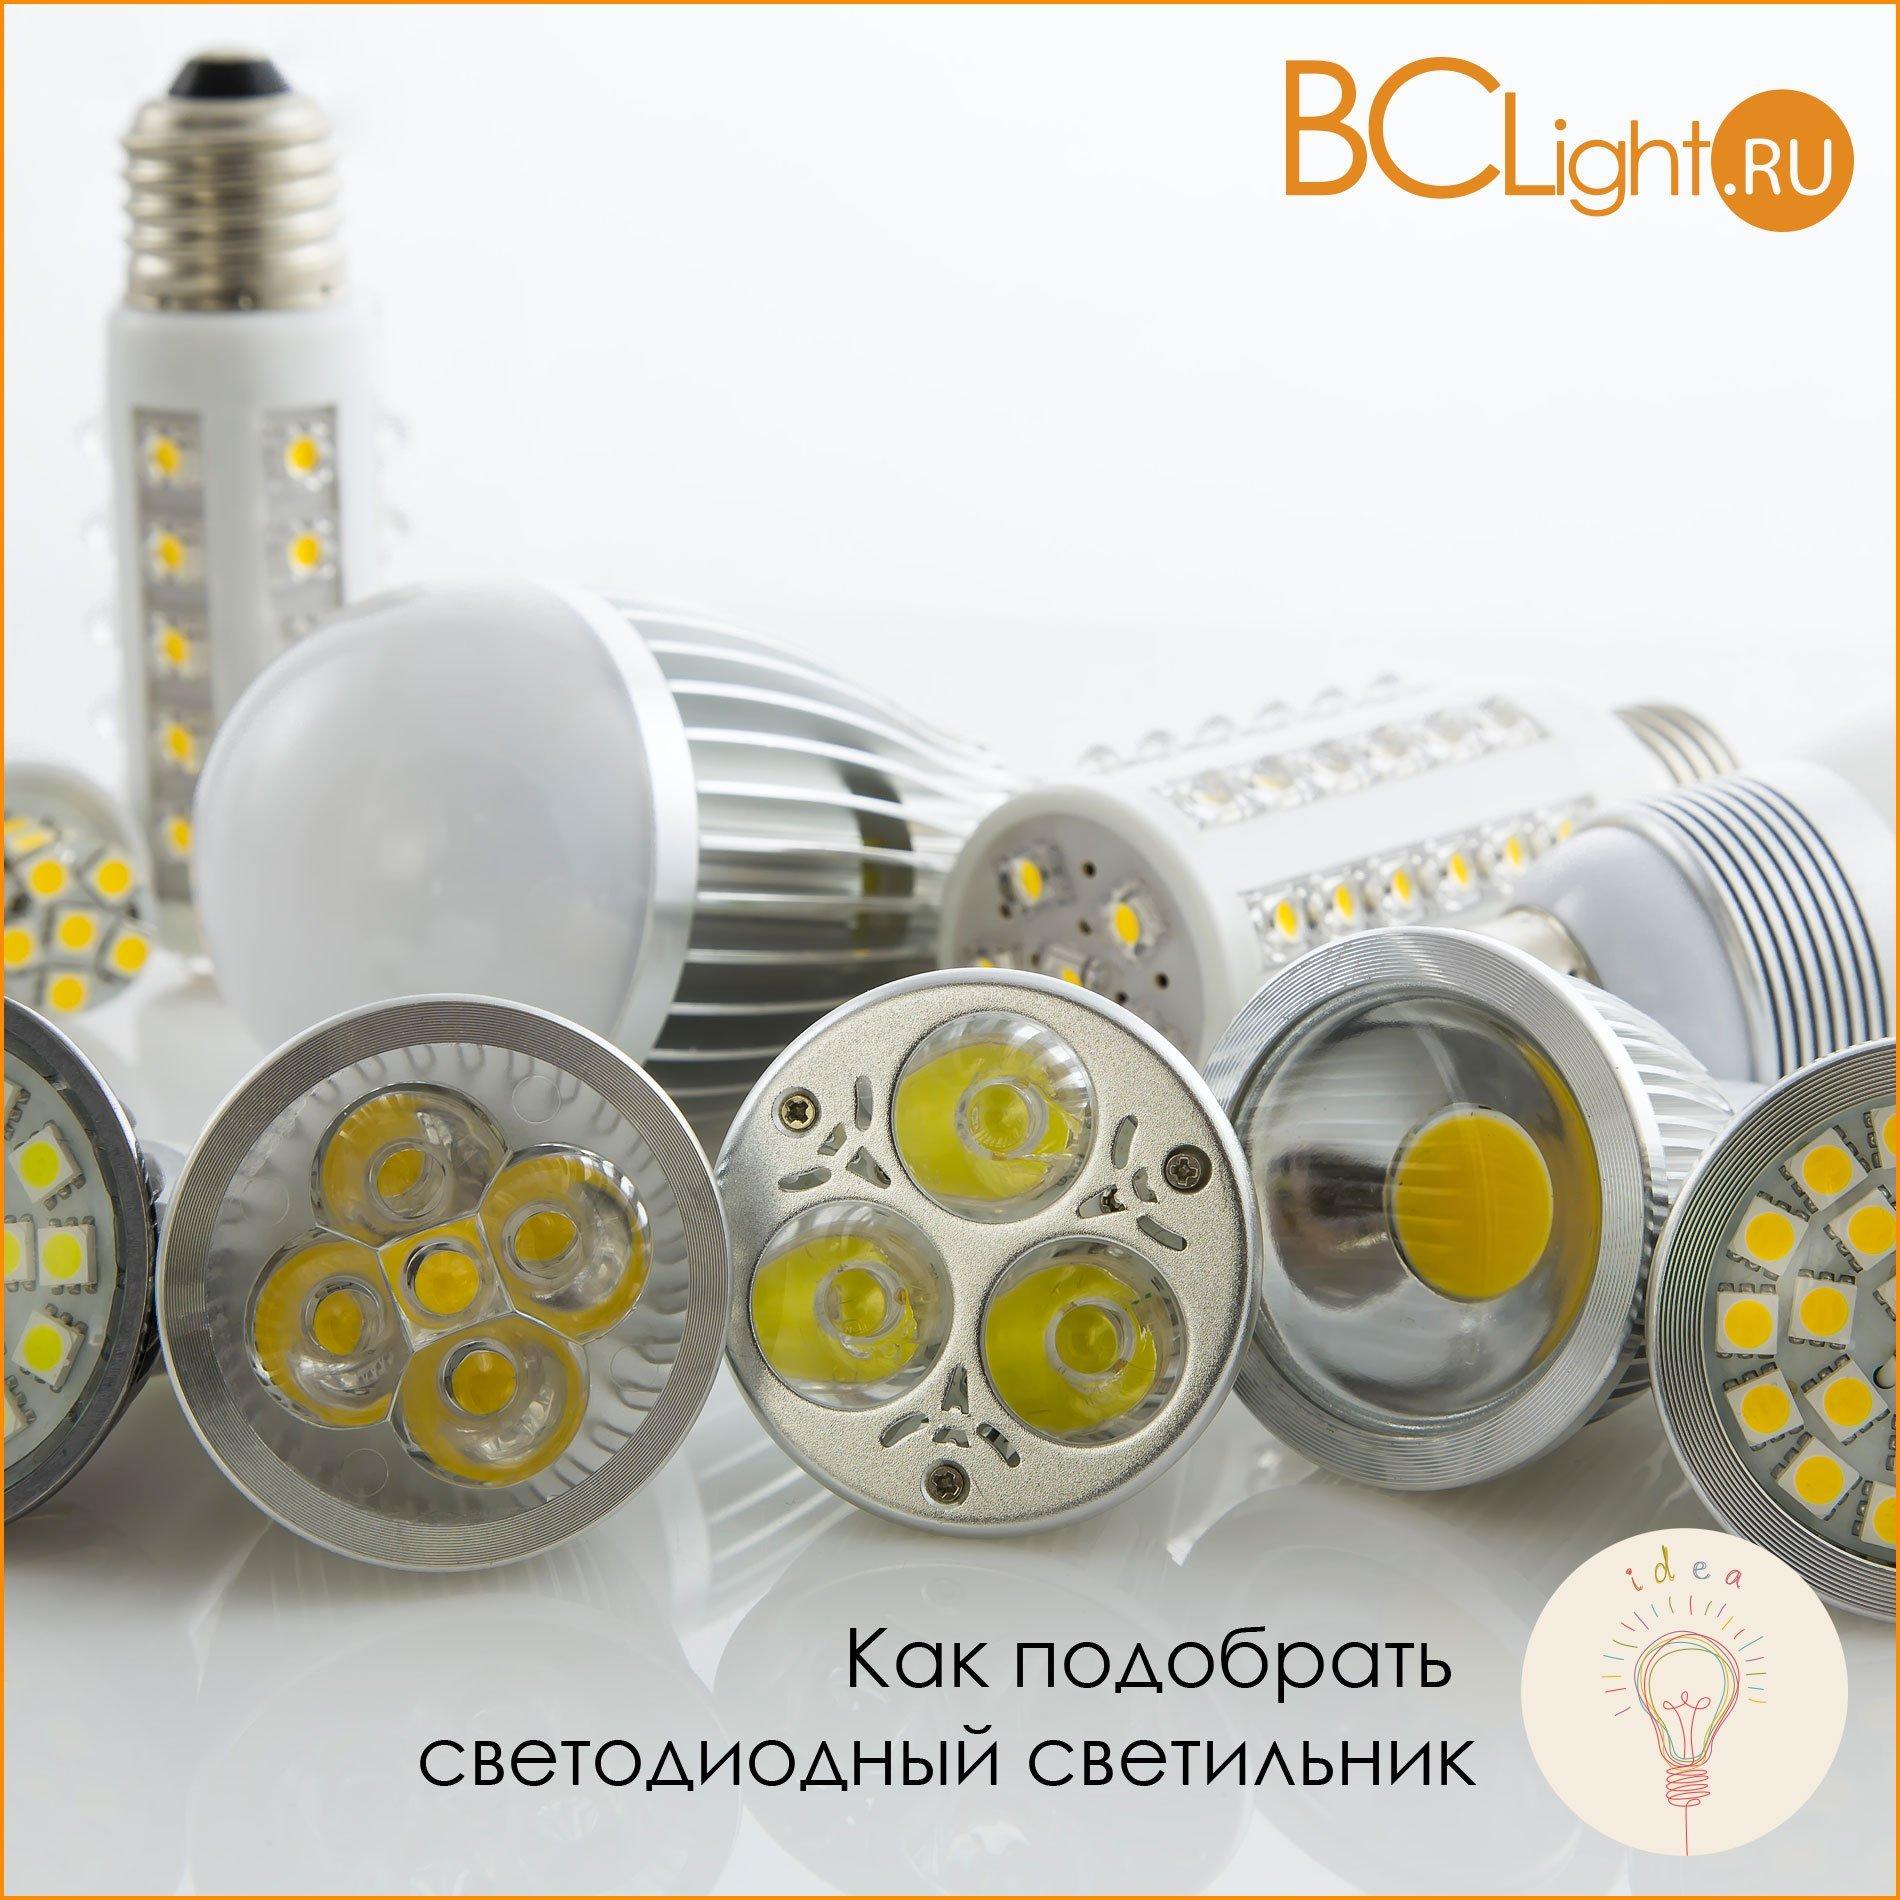 Как подобрать светодиодный светильник